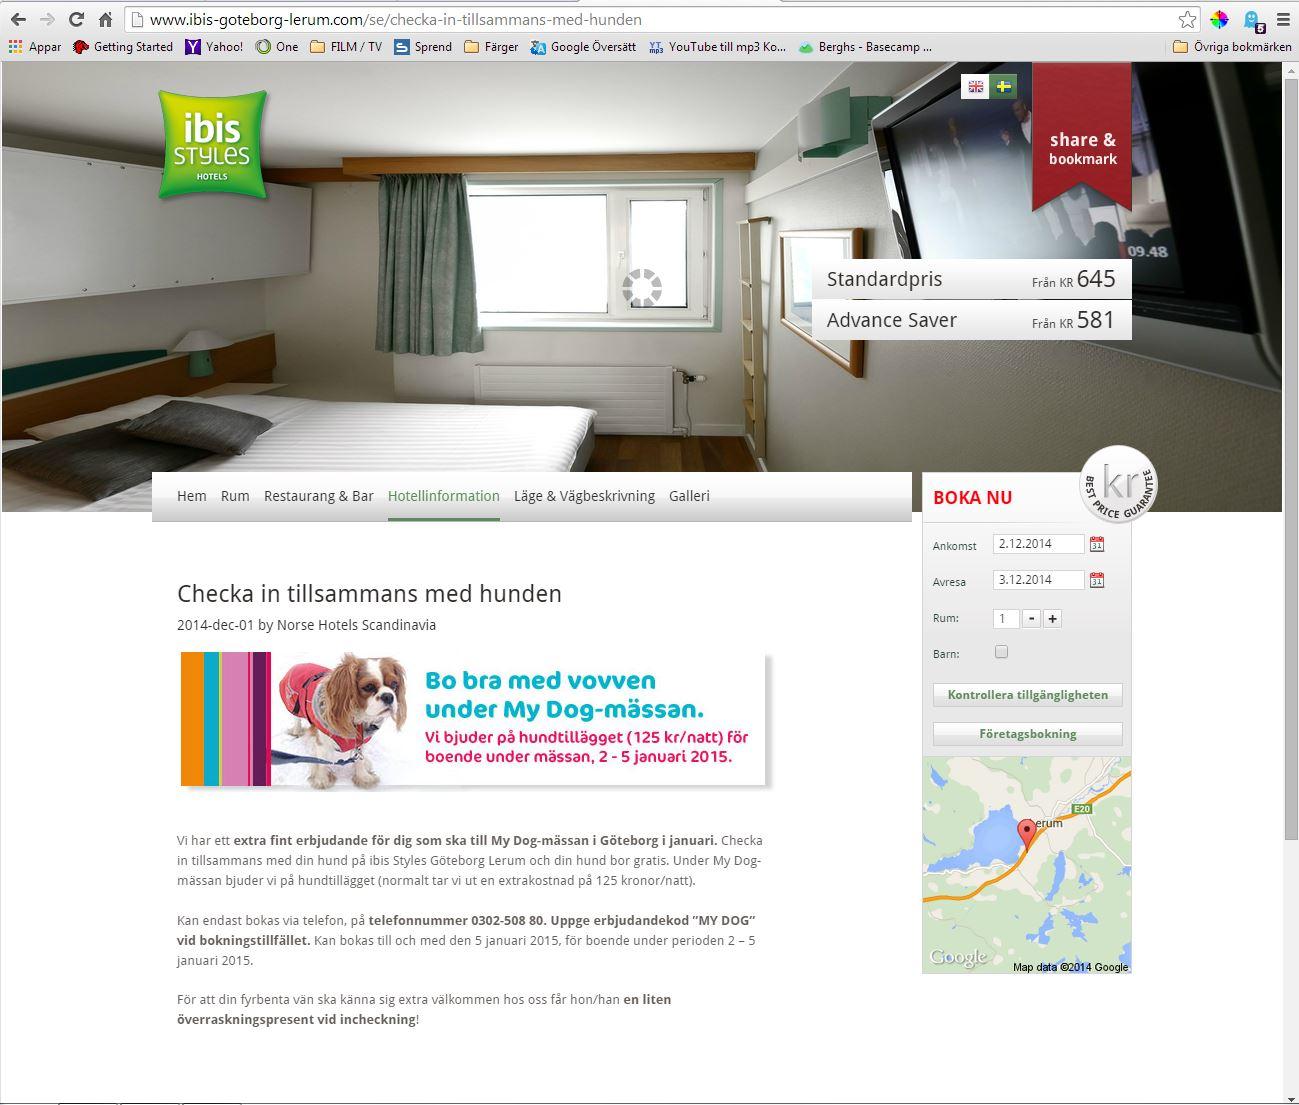 Landningssida på ibis Styles hemsida.